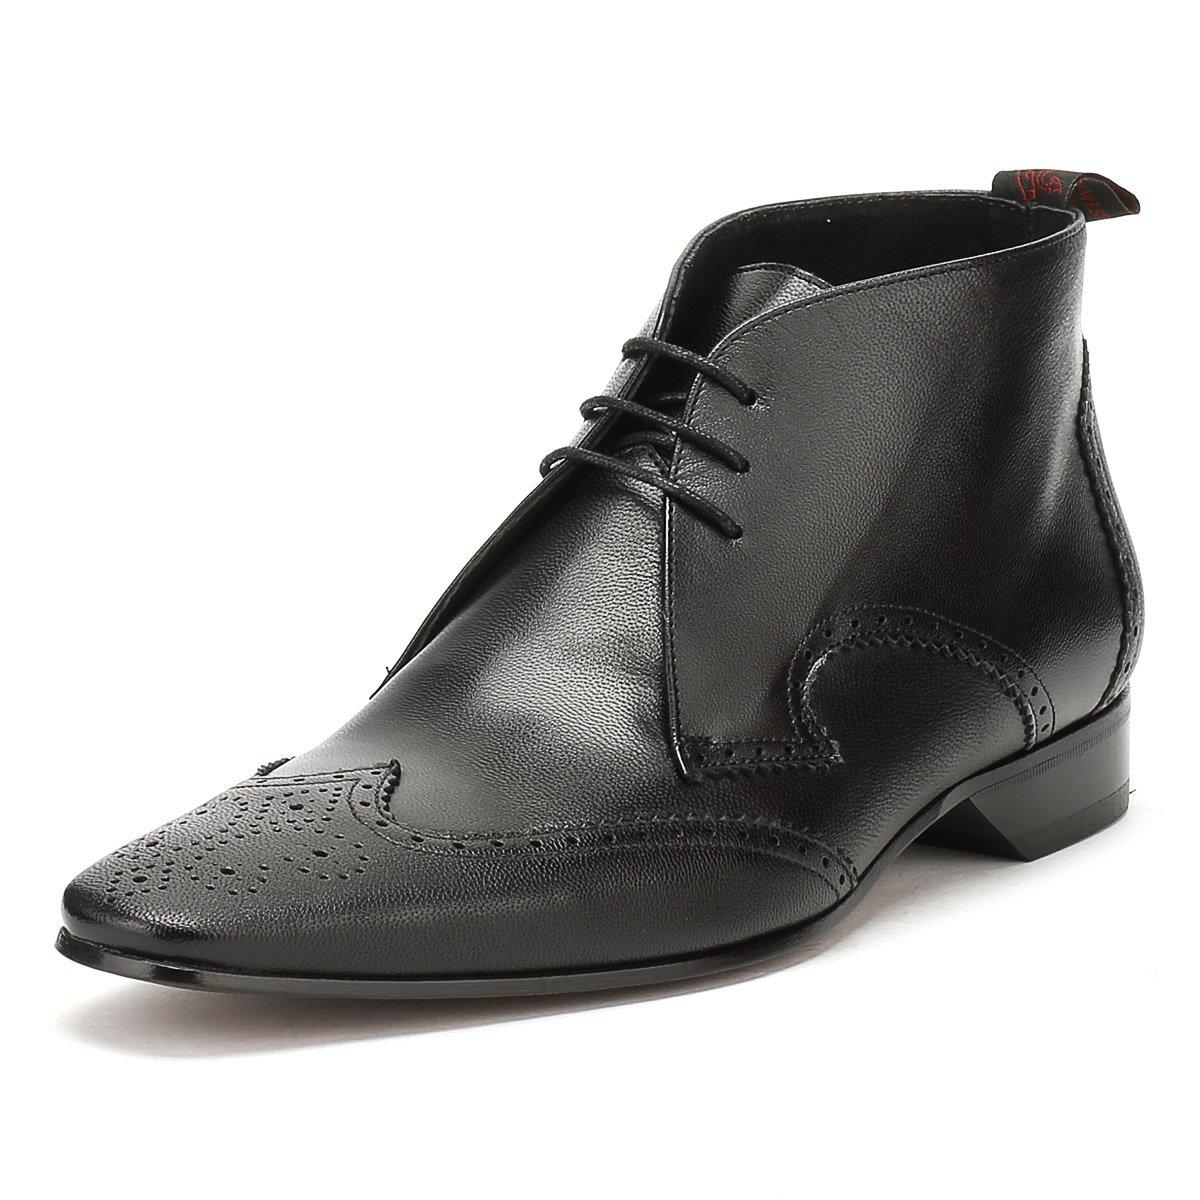 446e3407621 Jeffery West Mens Medusa Black Escobar Brogue Chukka Shoes-UK 11 ...